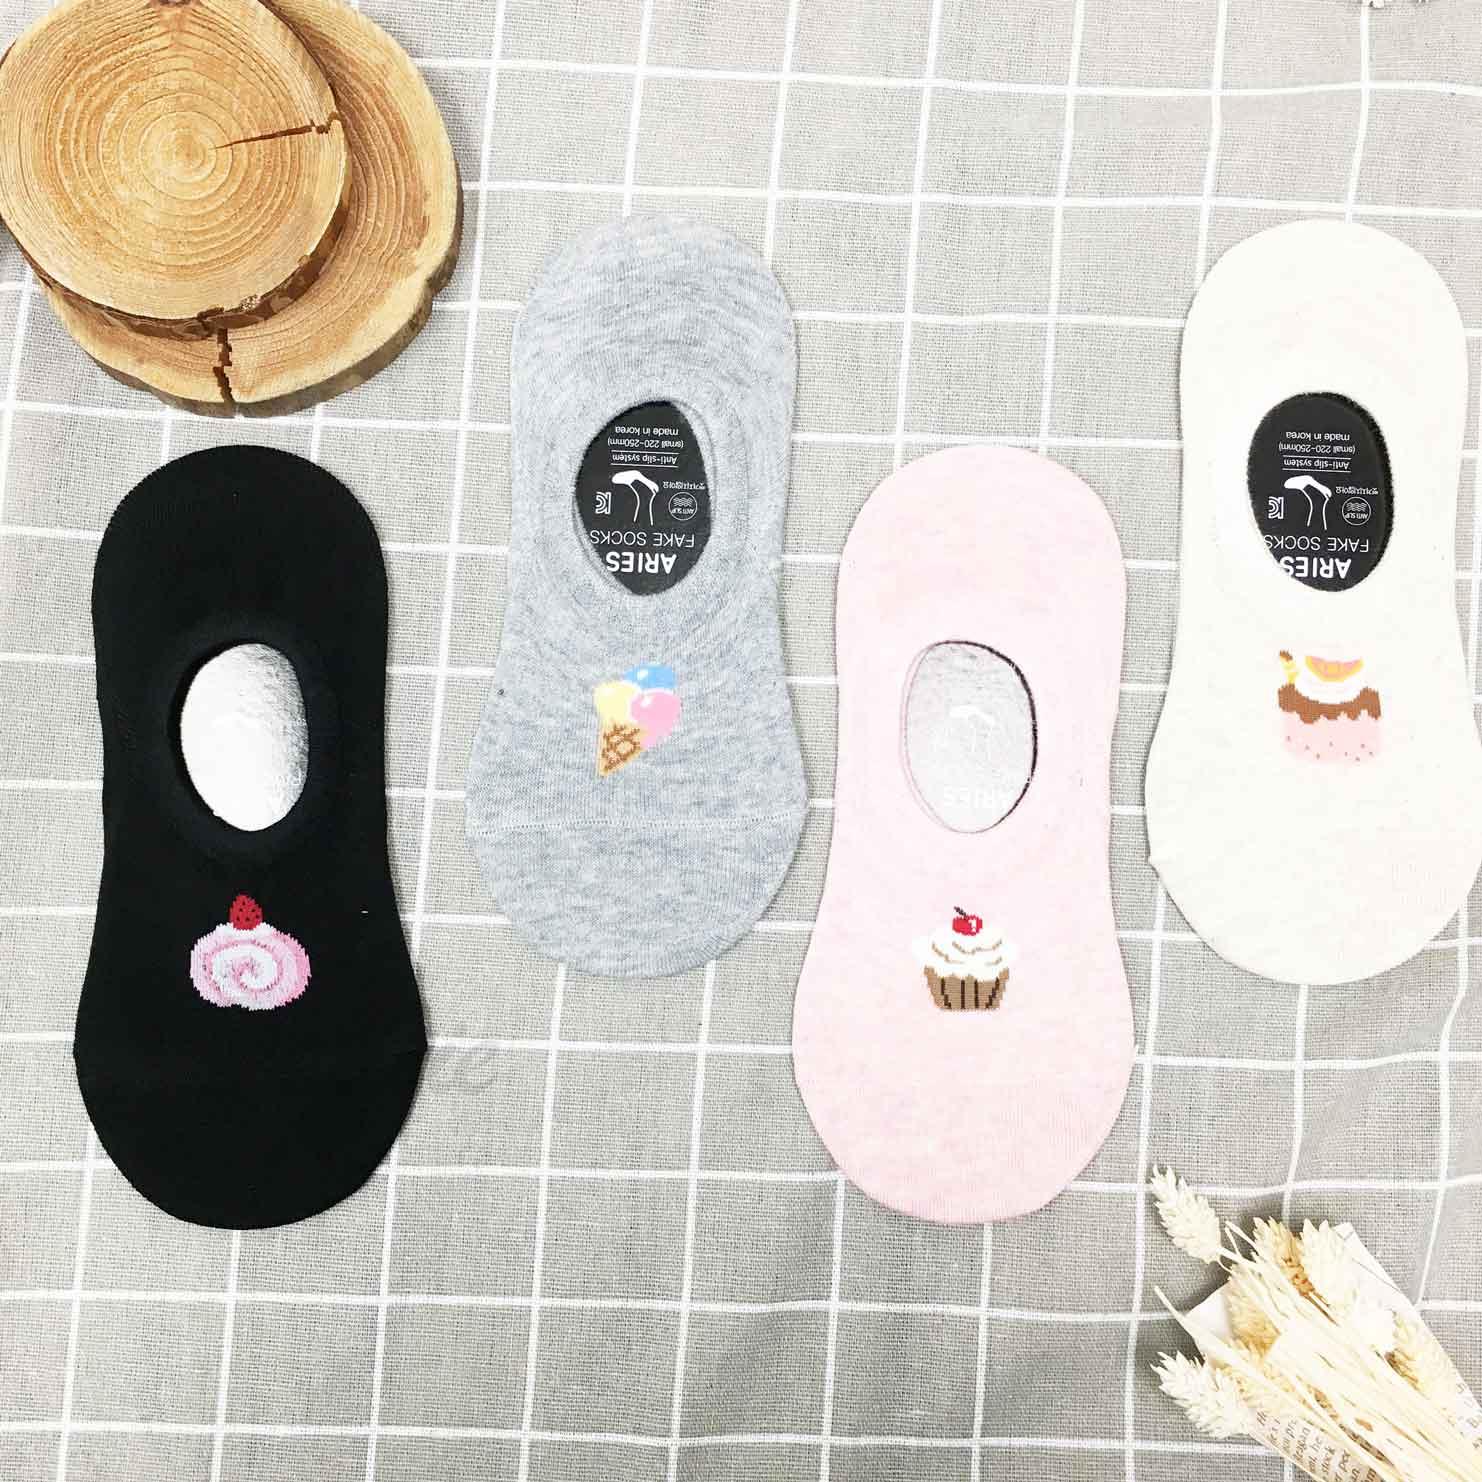 韓國襪 冰淇淋 蛋糕 止滑襪子 隱形襪